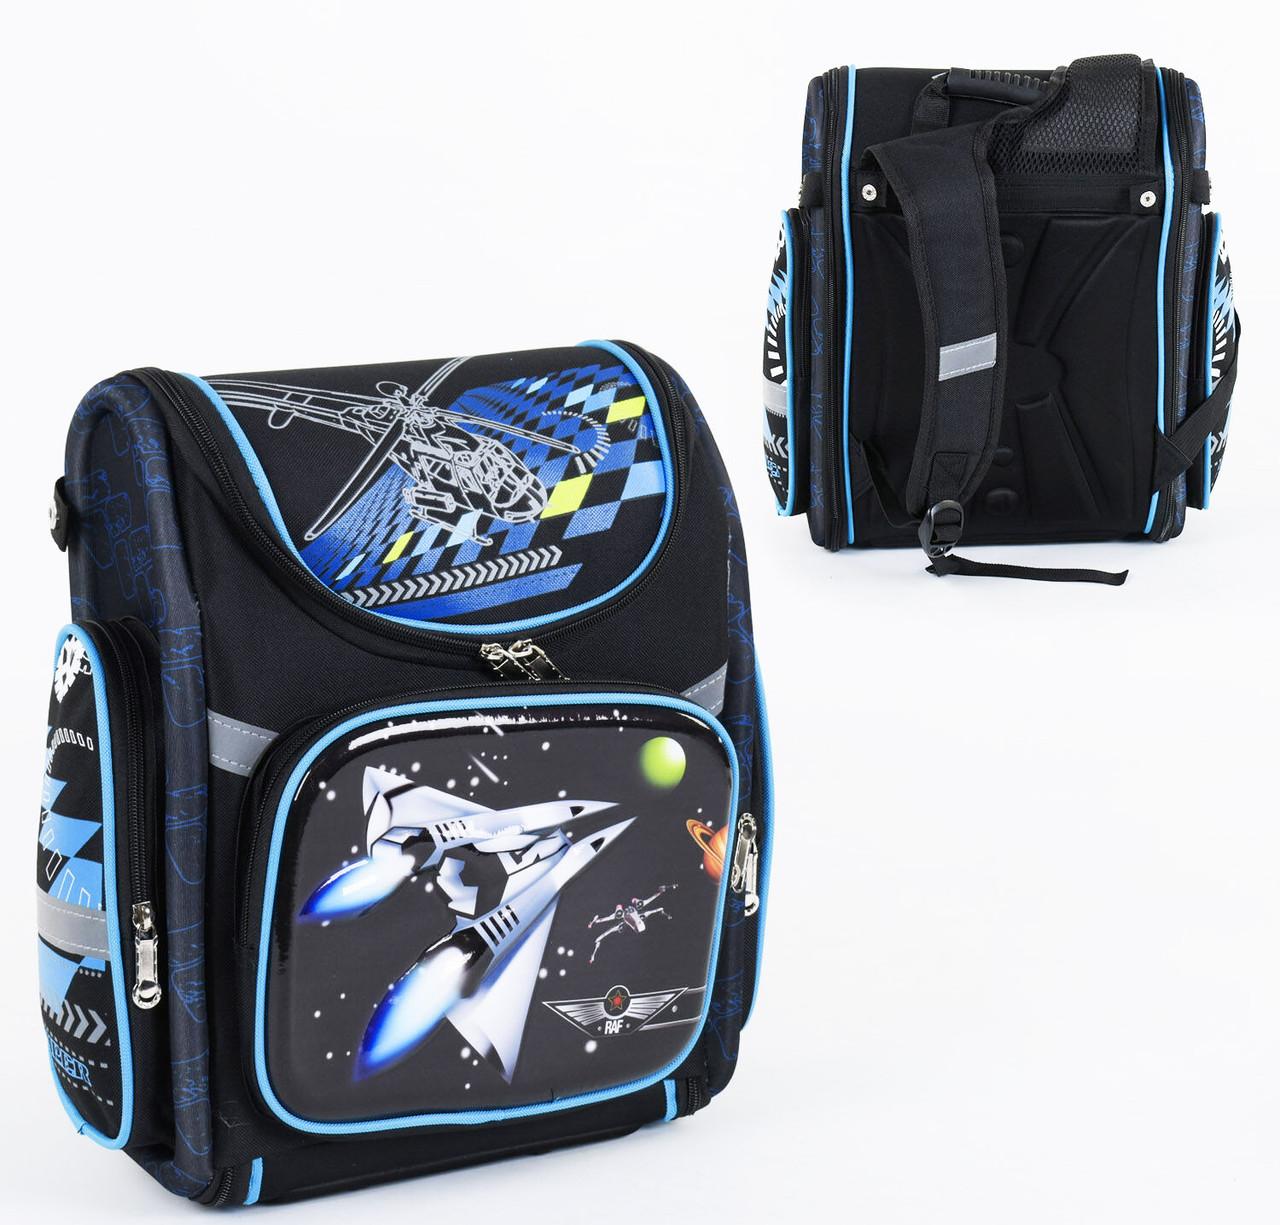 Дитячий шкільний рюкзак Космічний корабель каркасний 3D принт, 1 відділення, 3 кишені